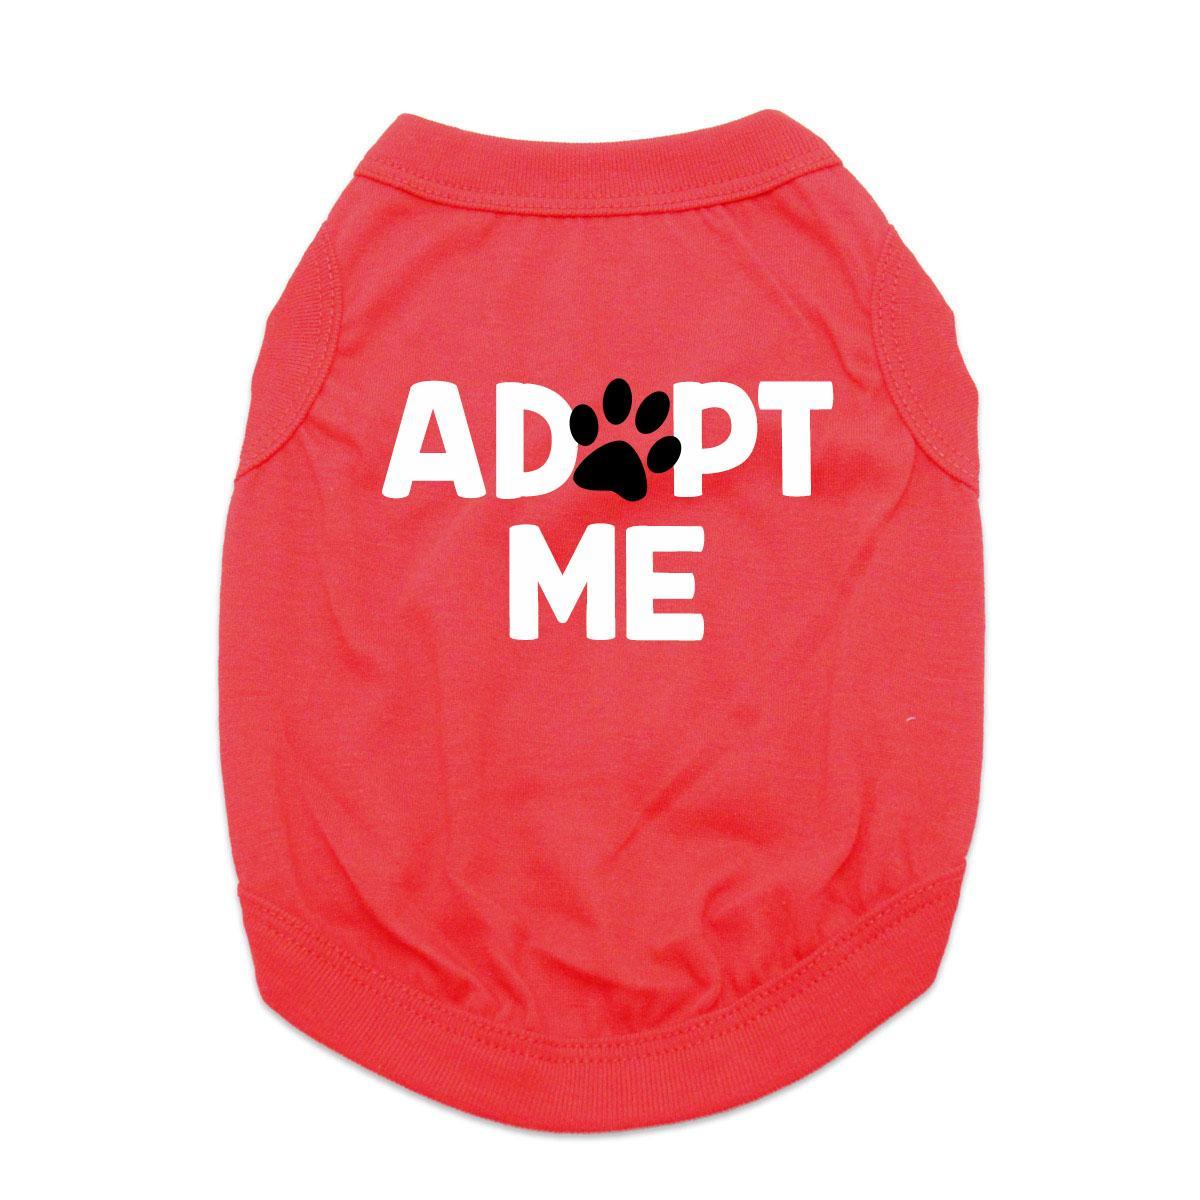 Adopt Me Dog Shirt - Red